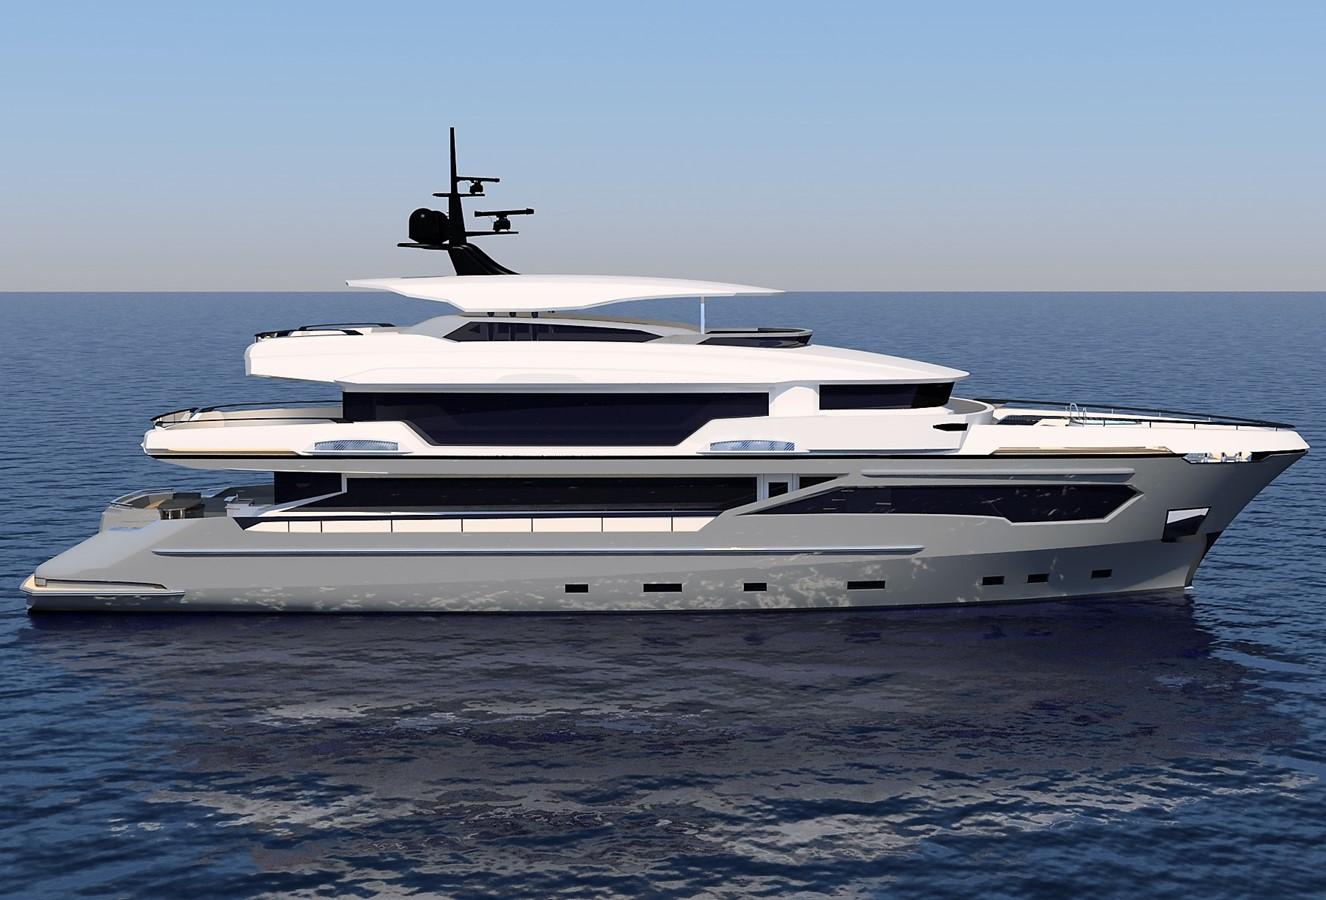 2022 AVA YACHTS Kando 130 Motor Yacht 2091084